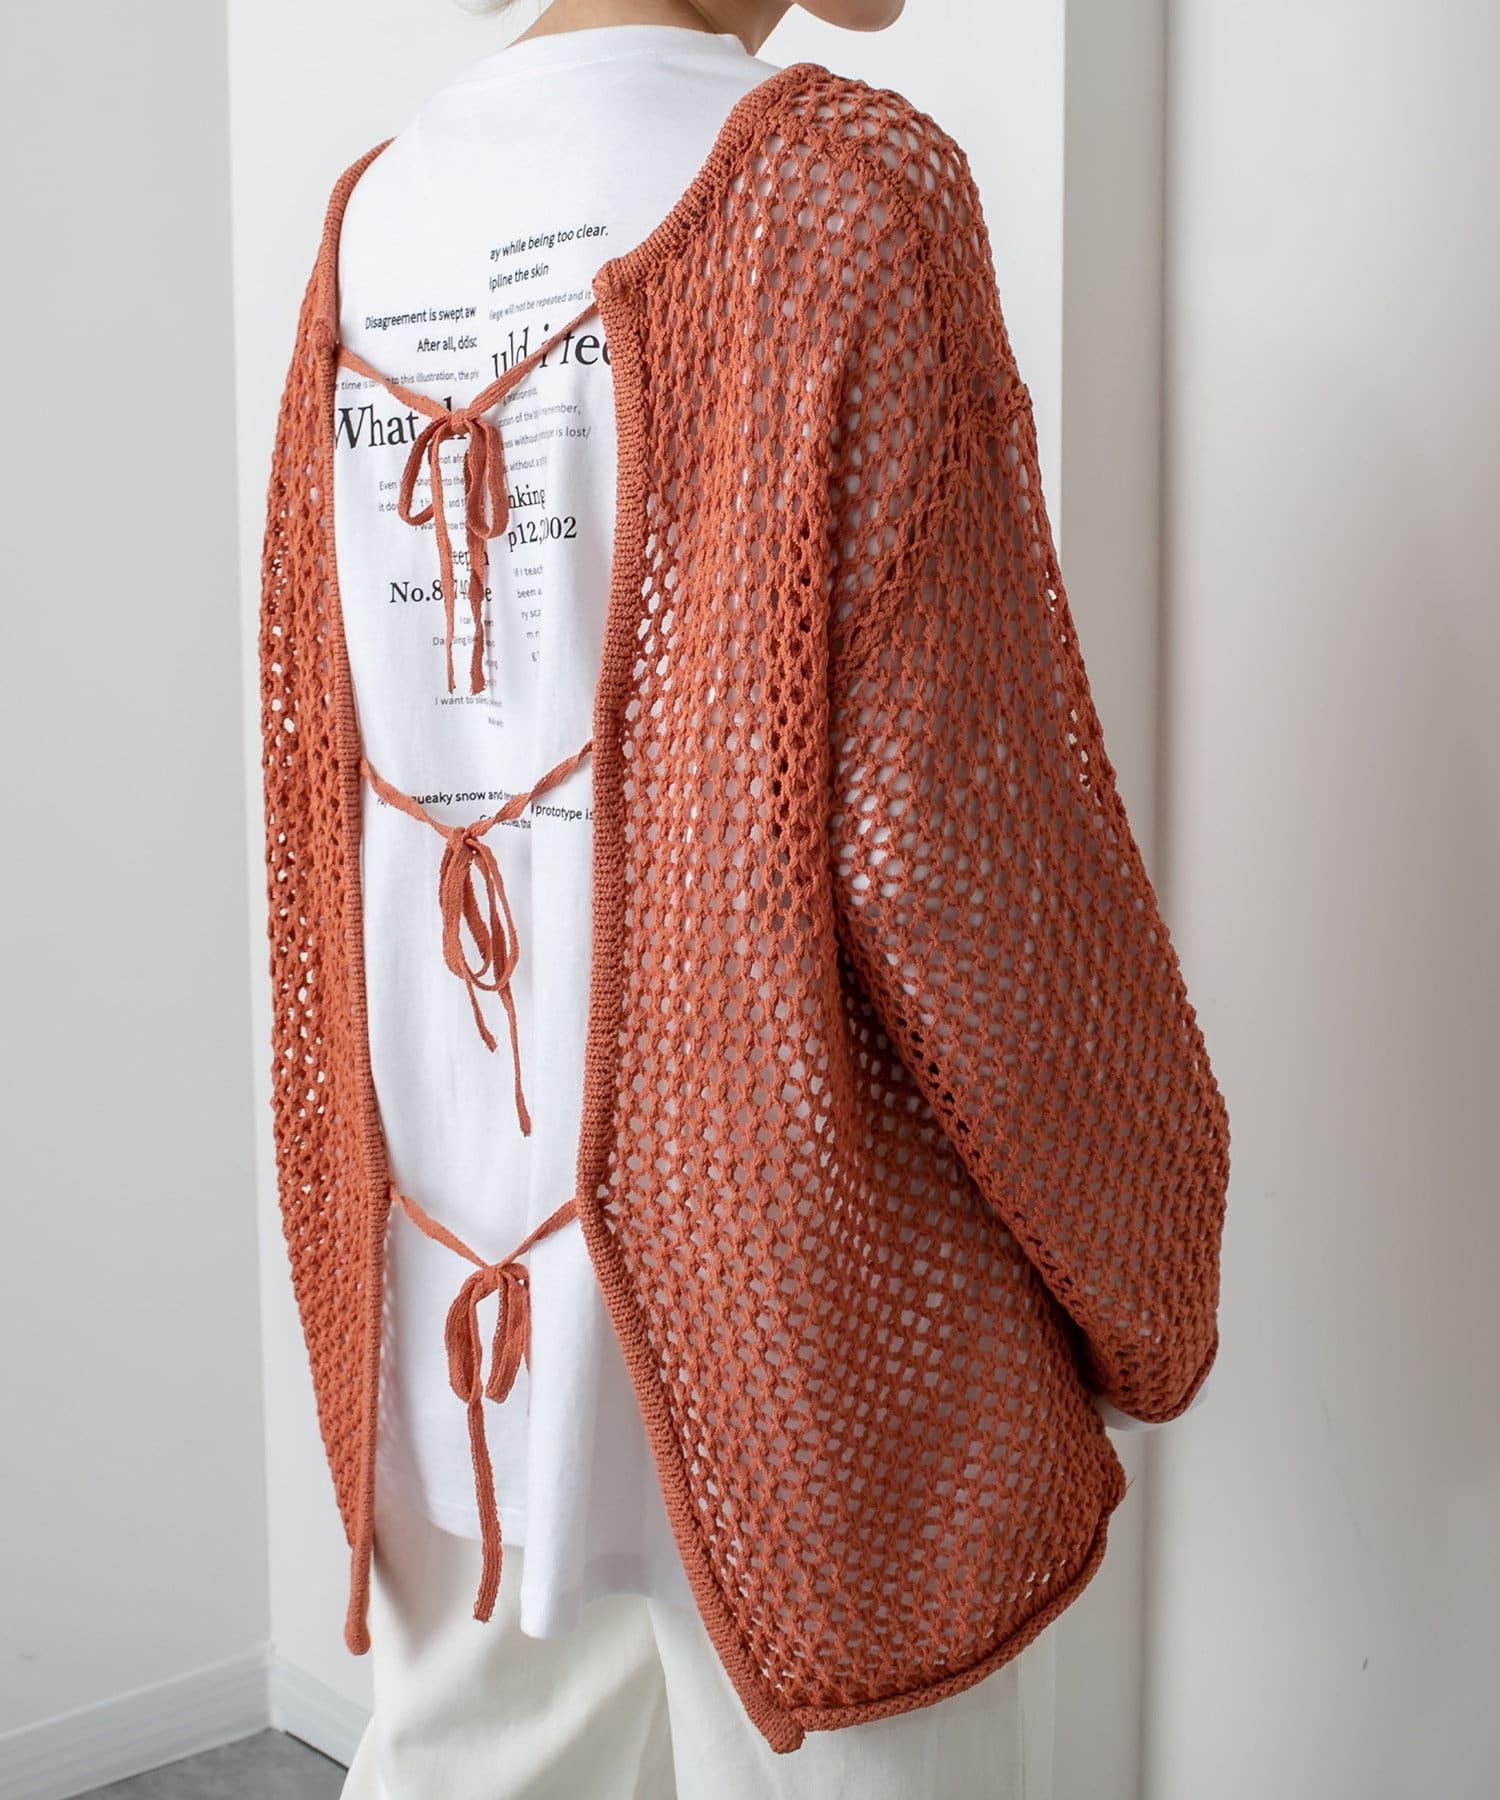 RASVOA(ラスボア) 透かし編みバックリボントップス